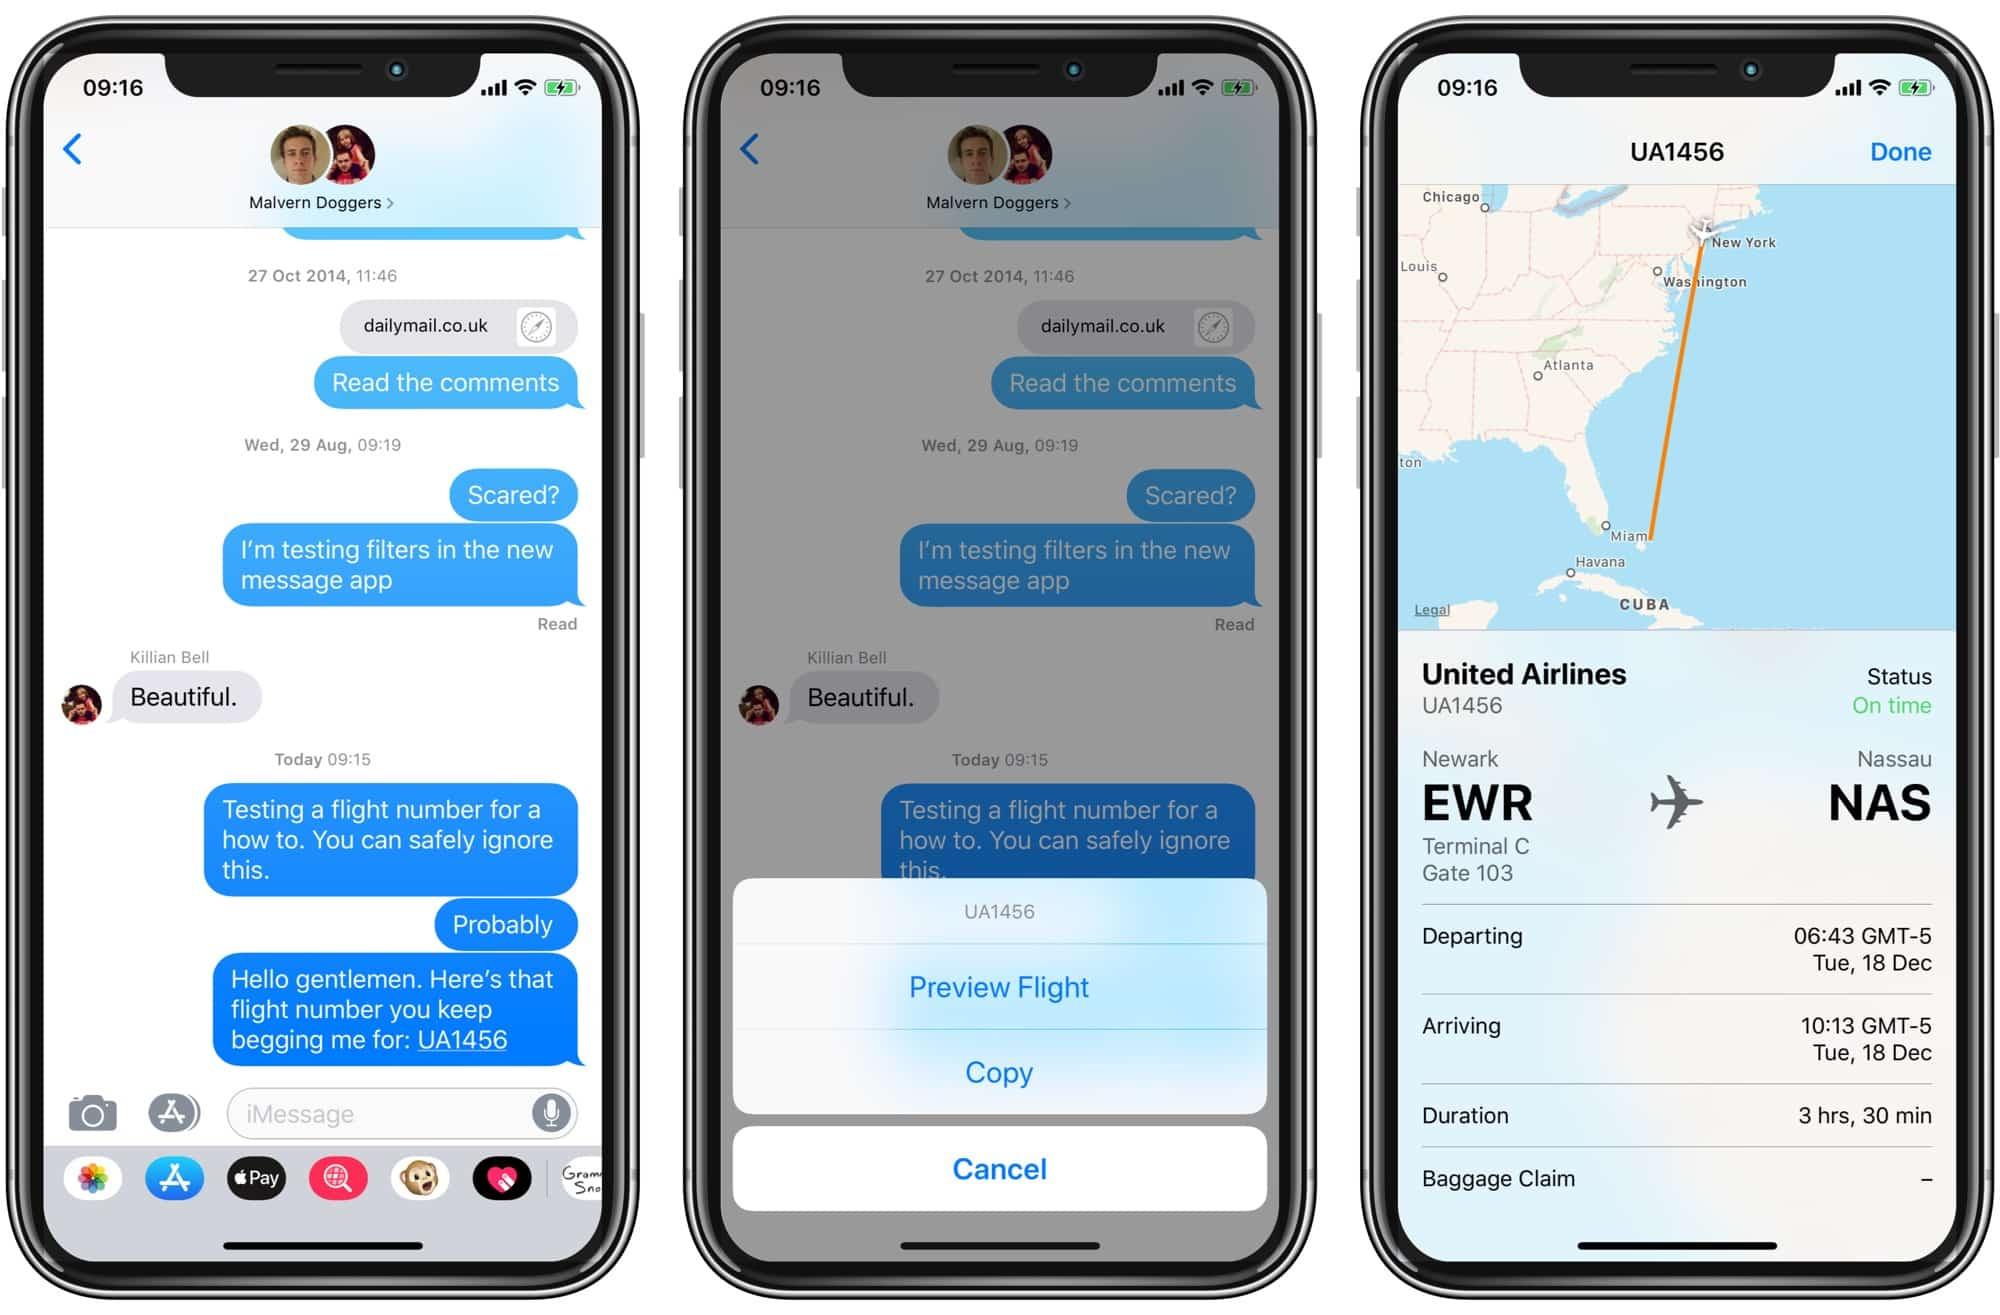 Ver seguimiento de vuelo detallado dentro de la aplicación de mensajes.